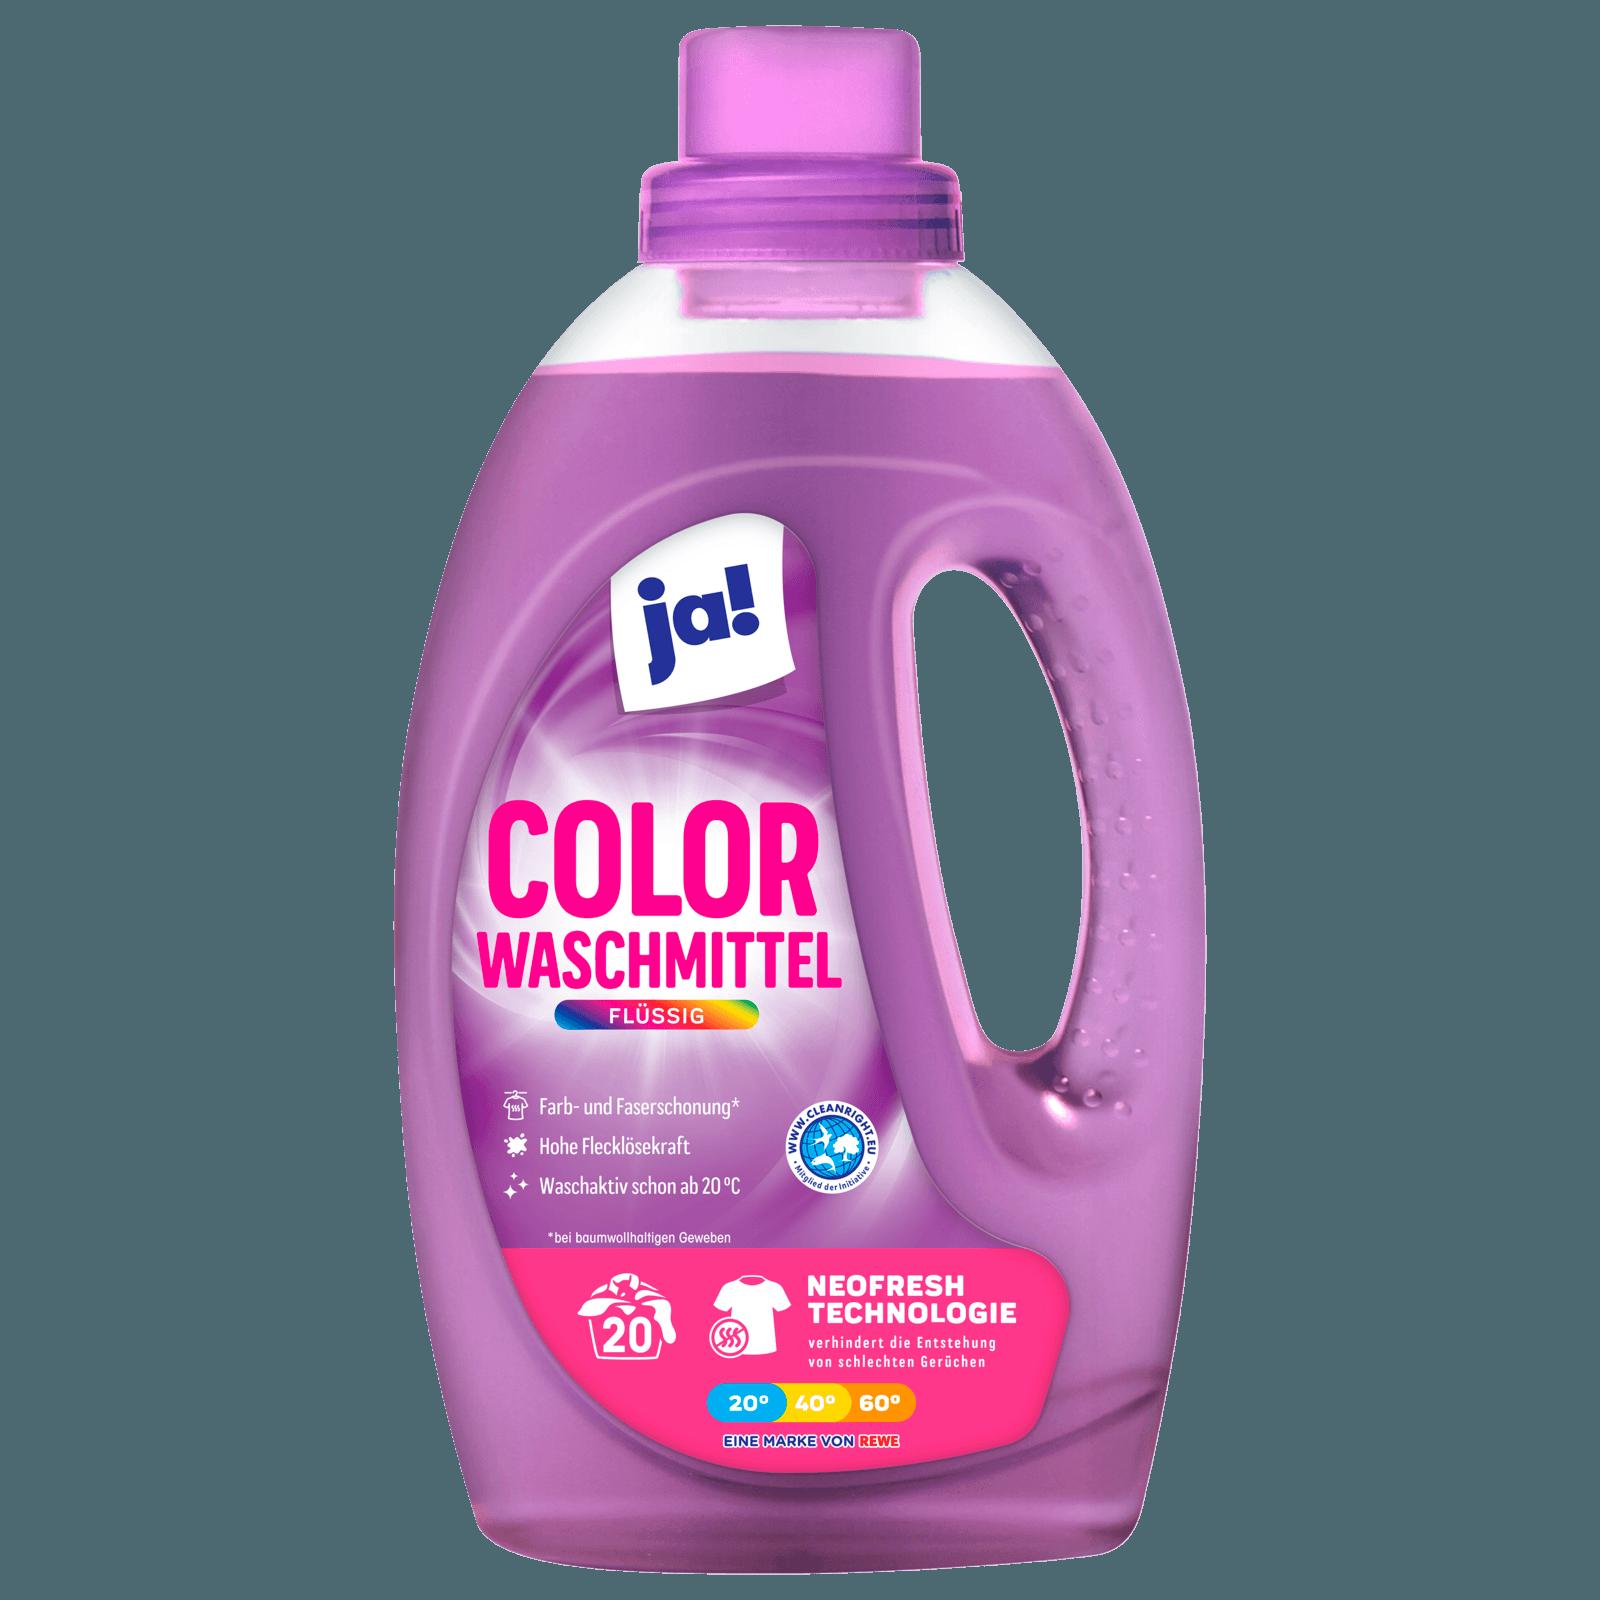 Suchergebnis auf für: Waschmittel Basketball